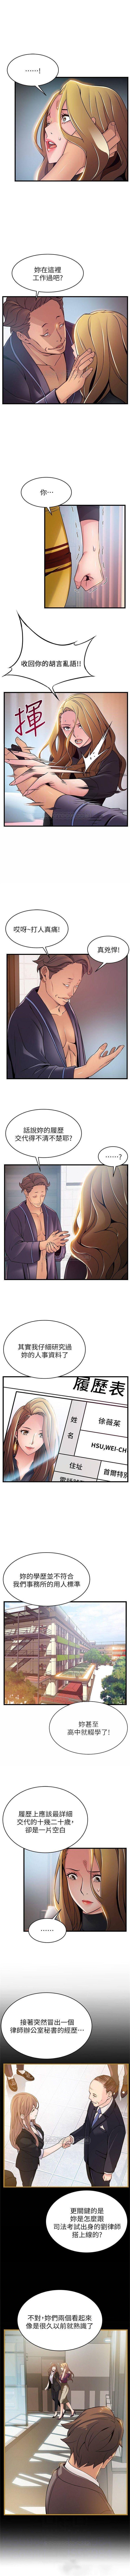 (周7)弱点 1-66 中文翻译(更新中) 349